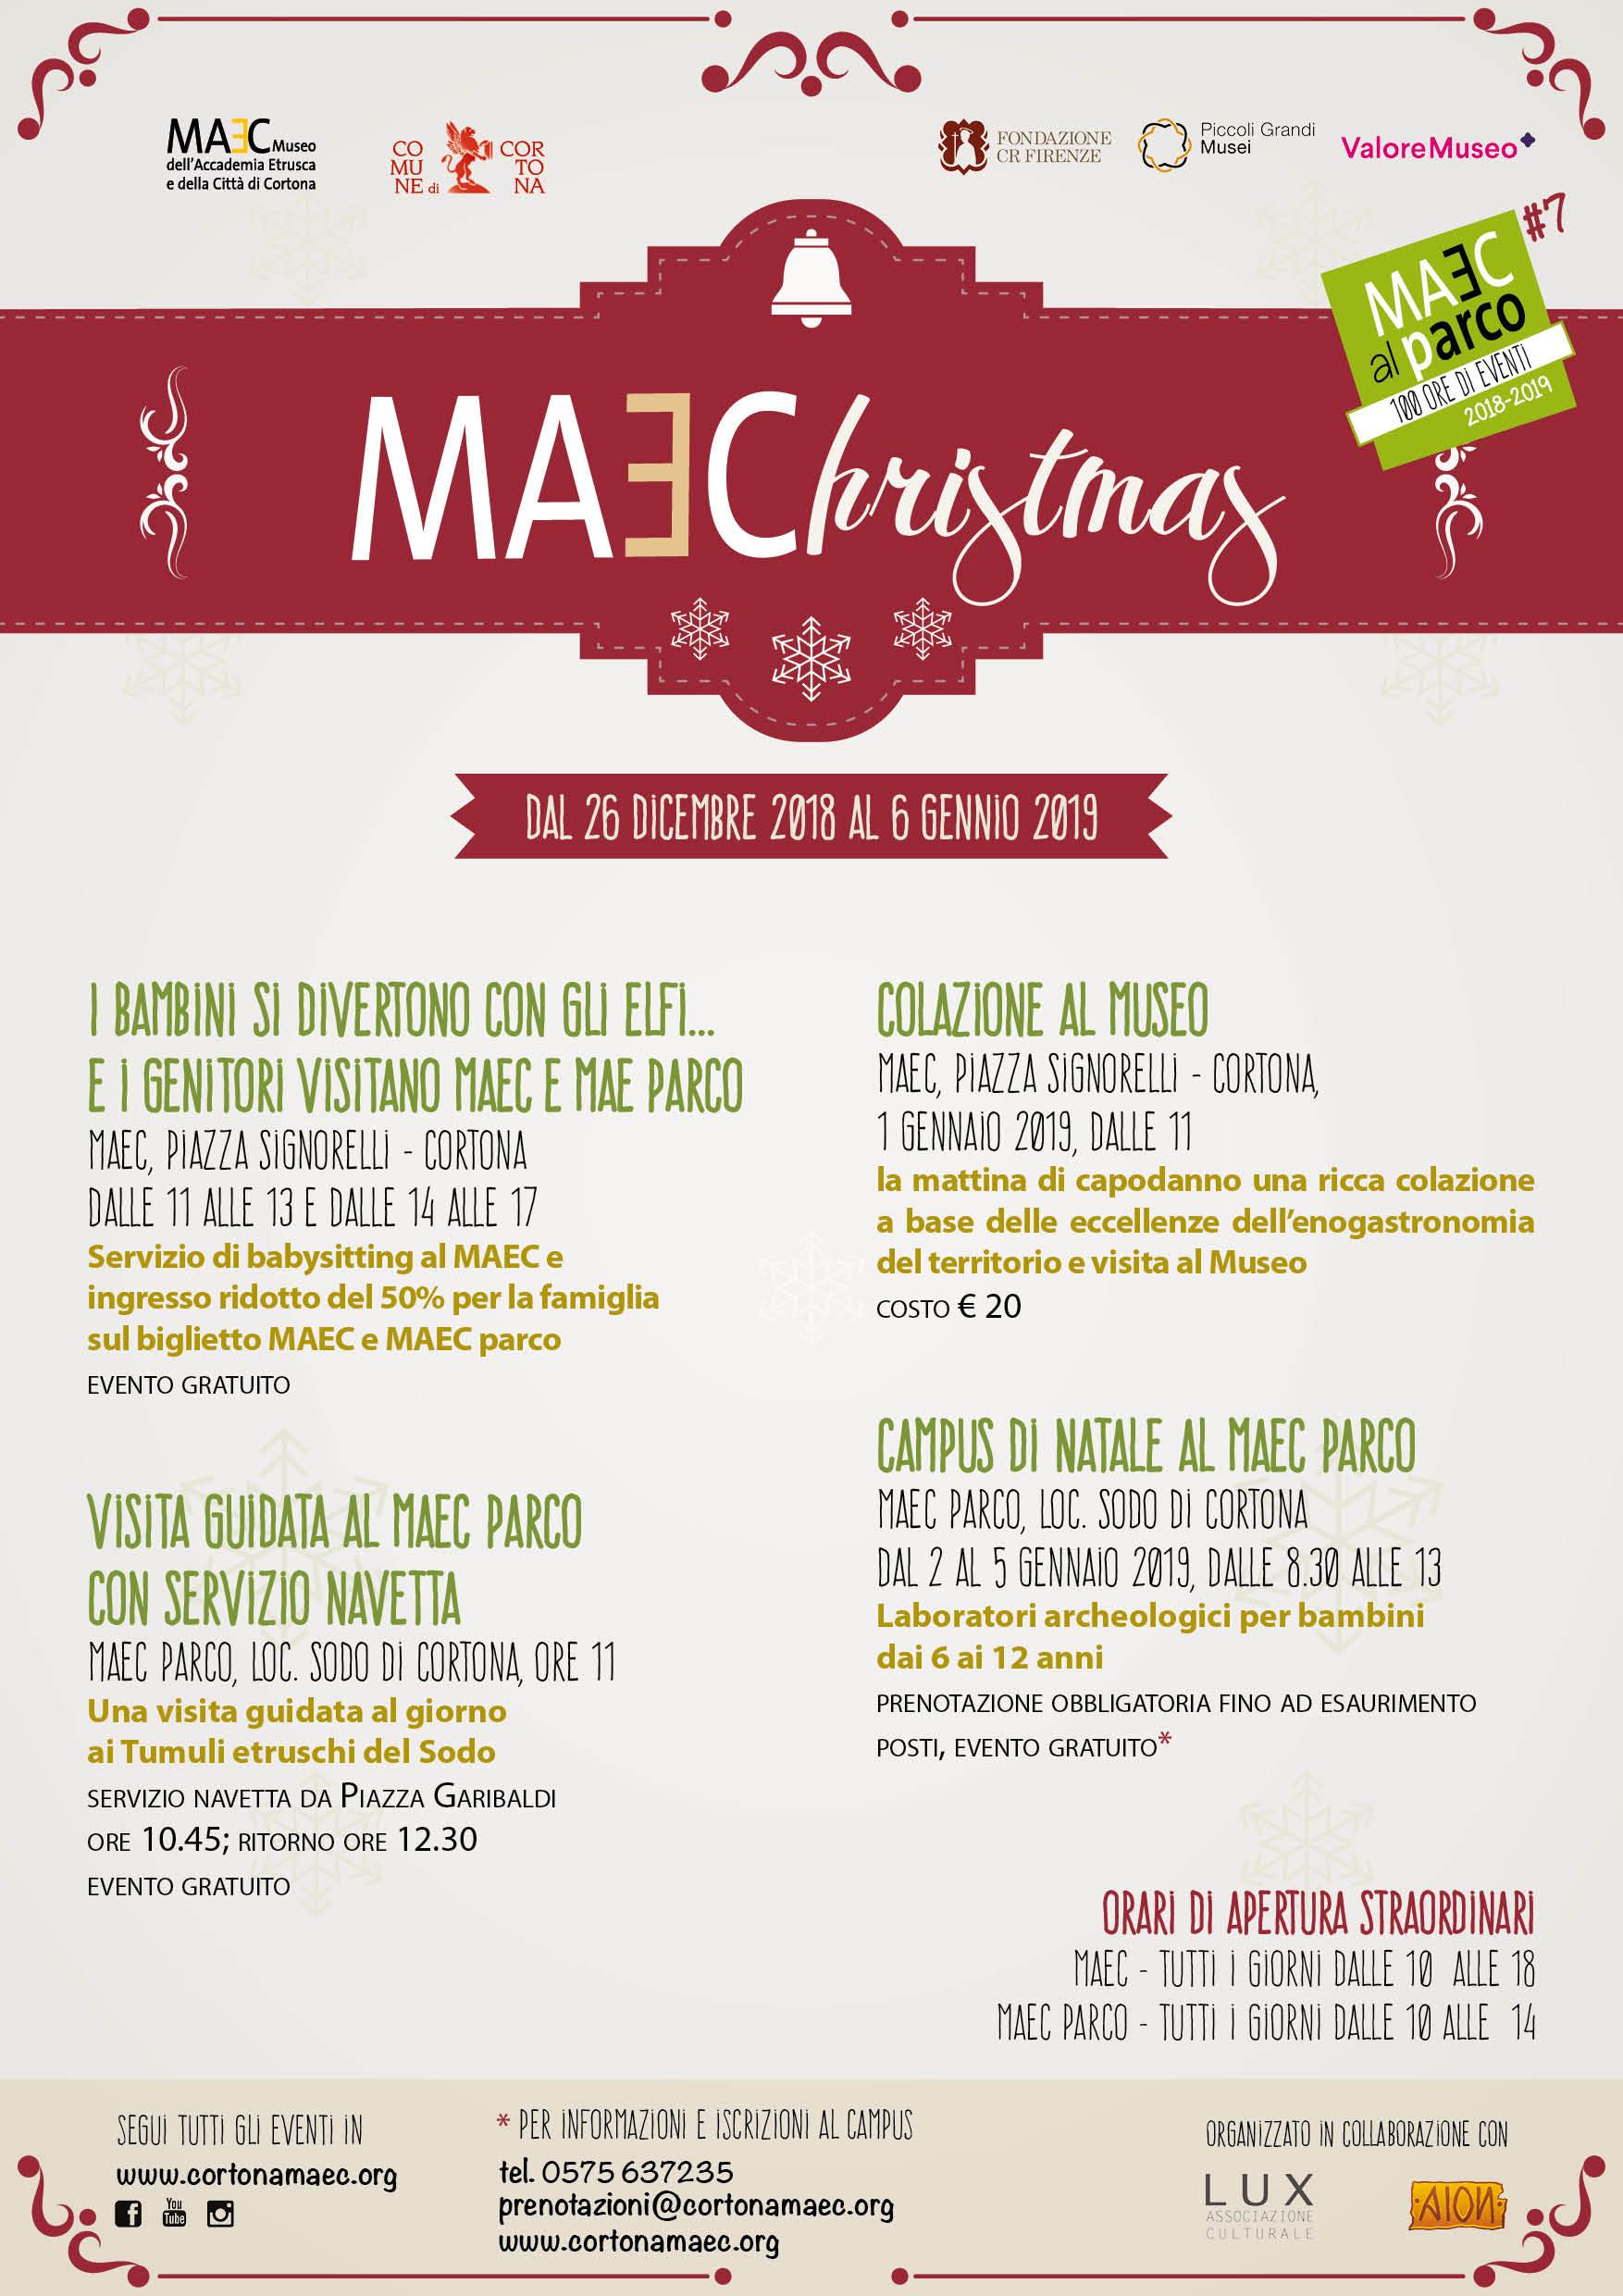 Eventi di Natale al MAEC